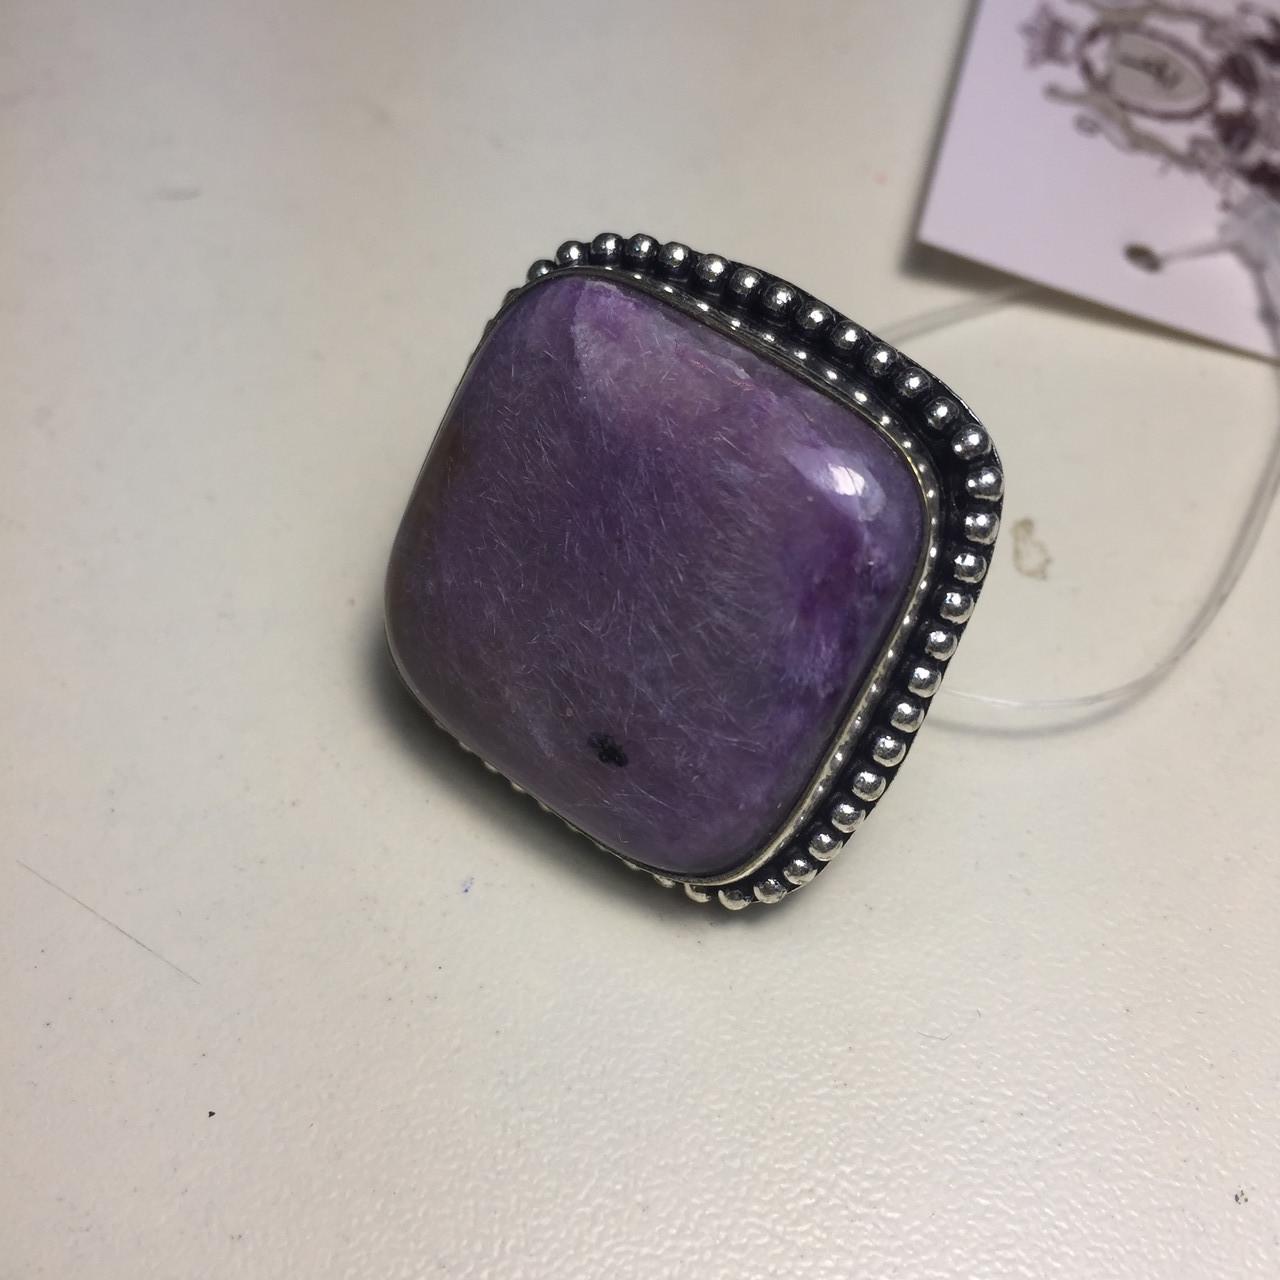 Чароит кольцо квадратное с чароитом 17-17,3 размер. Кольцо чароит Индия